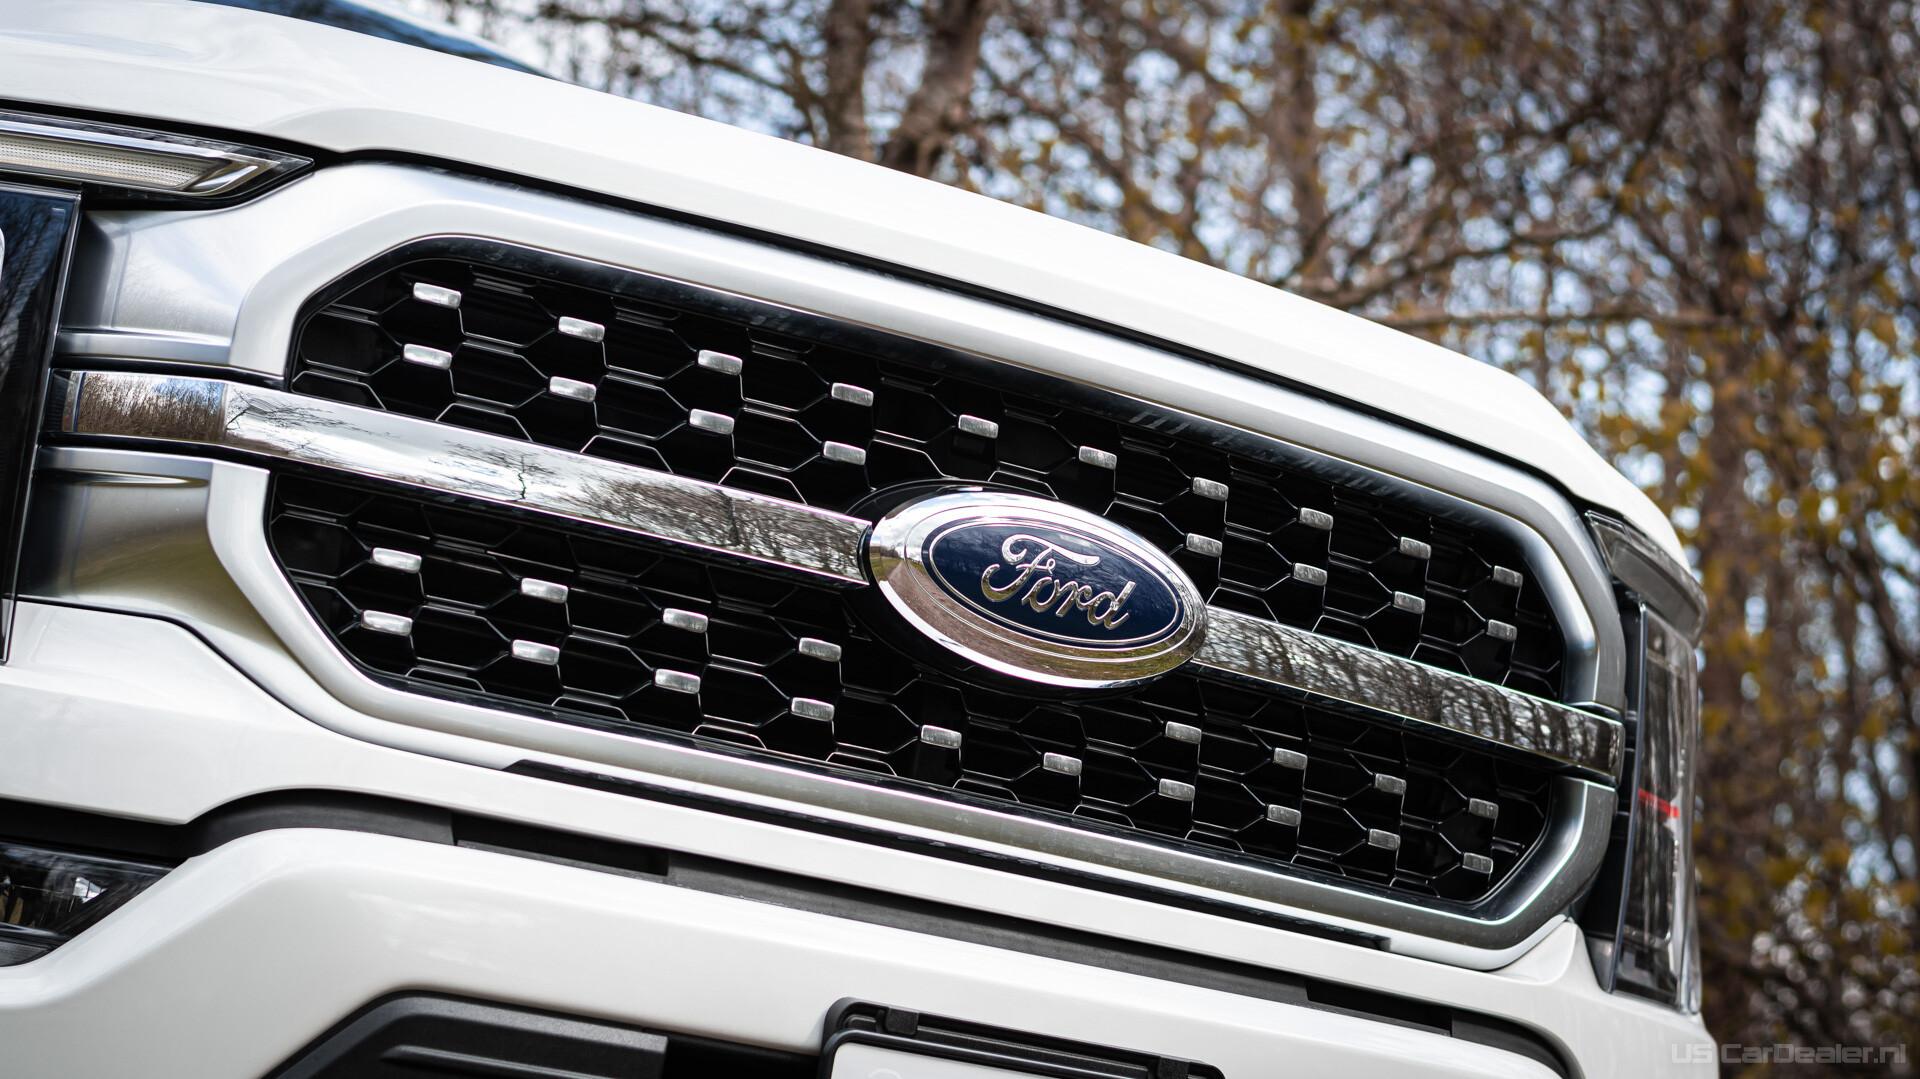 De nieuwe Ford F-150